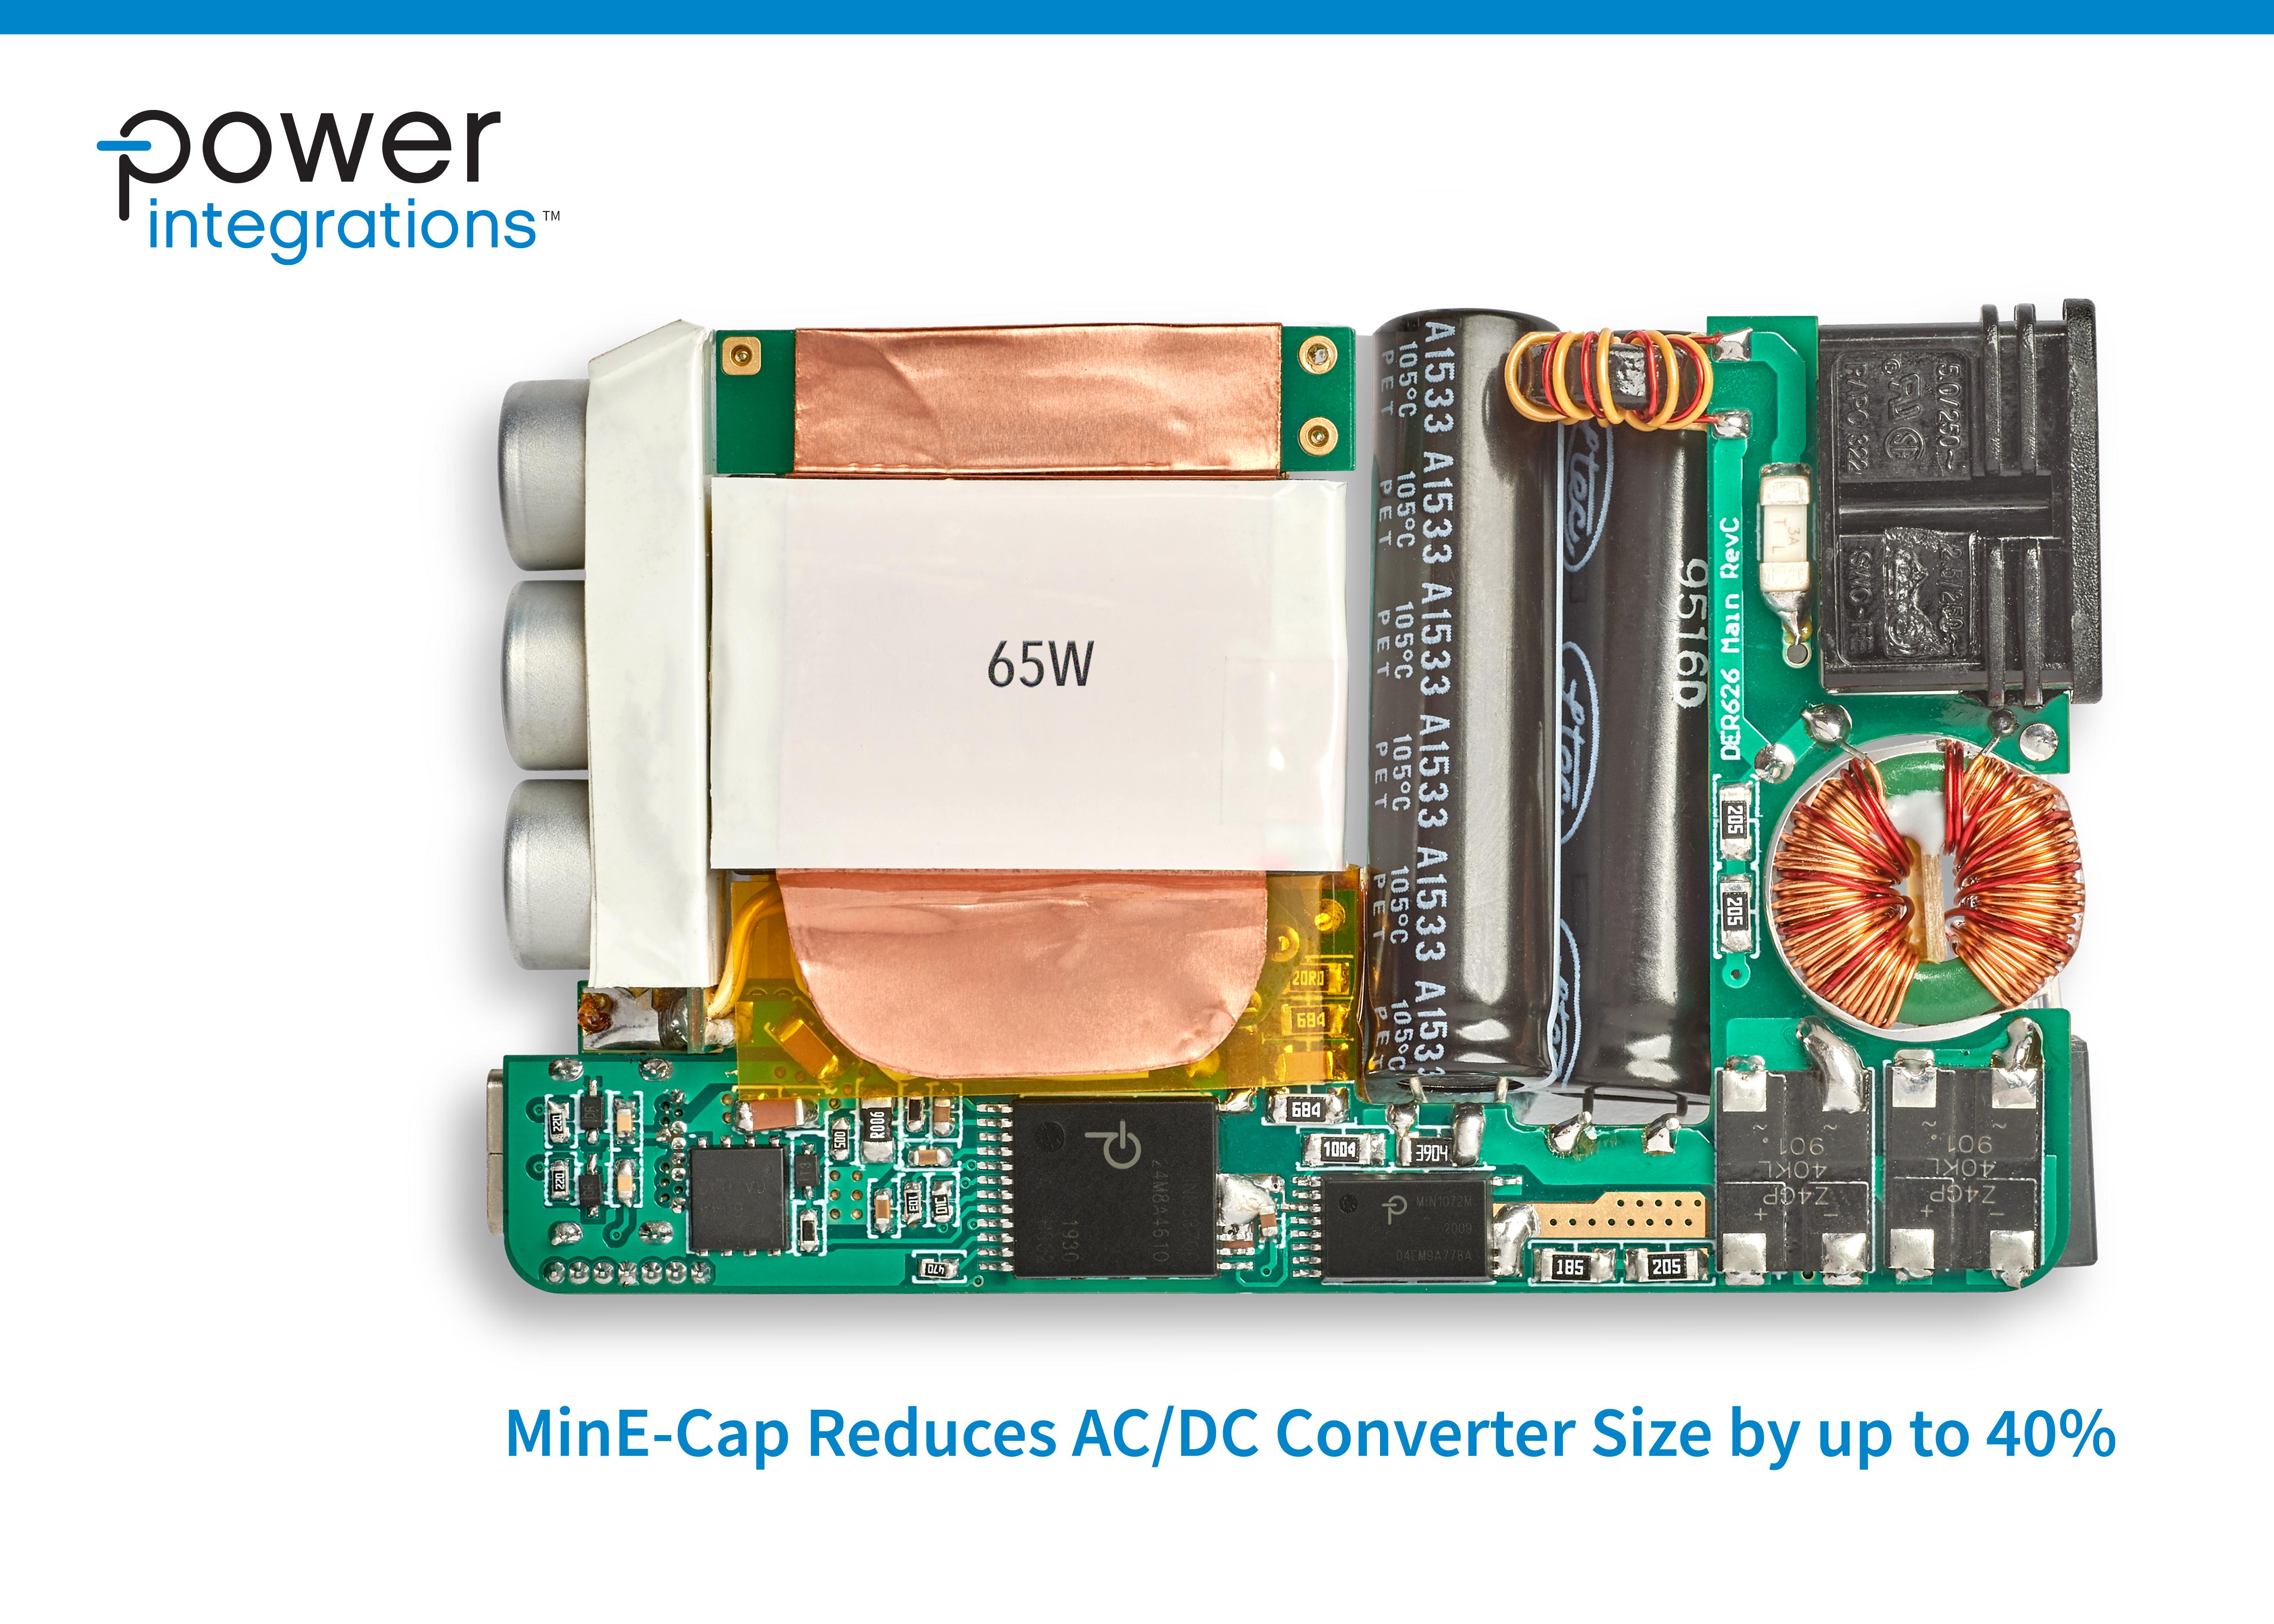 Power Integrations推出全新MinE-CAP IC,可将AC-DC变换器的体积最多缩小40%